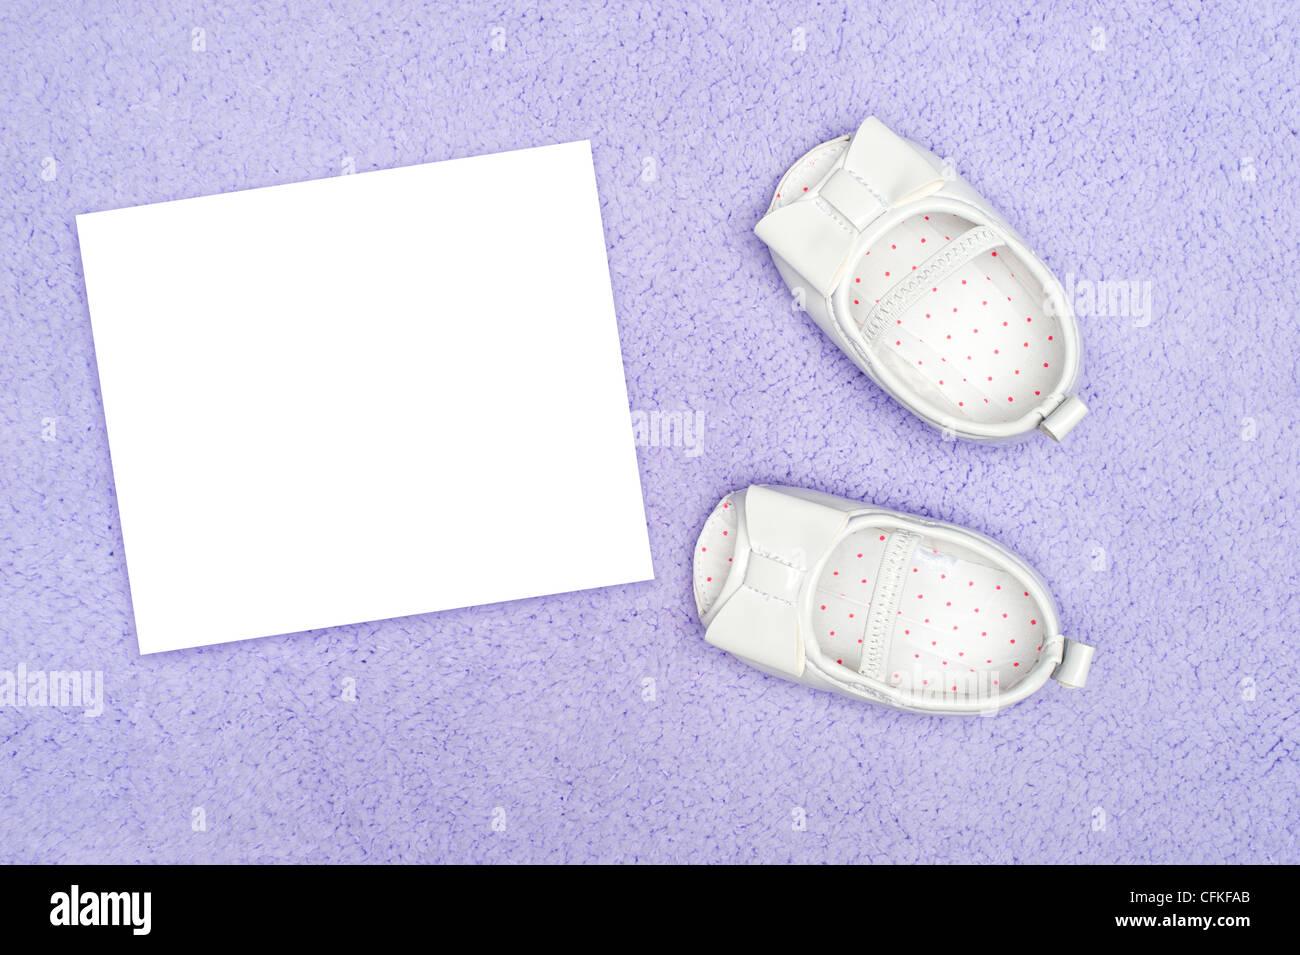 Chaussures de ville enfant officielle sur tapis violet, blanc avec ...